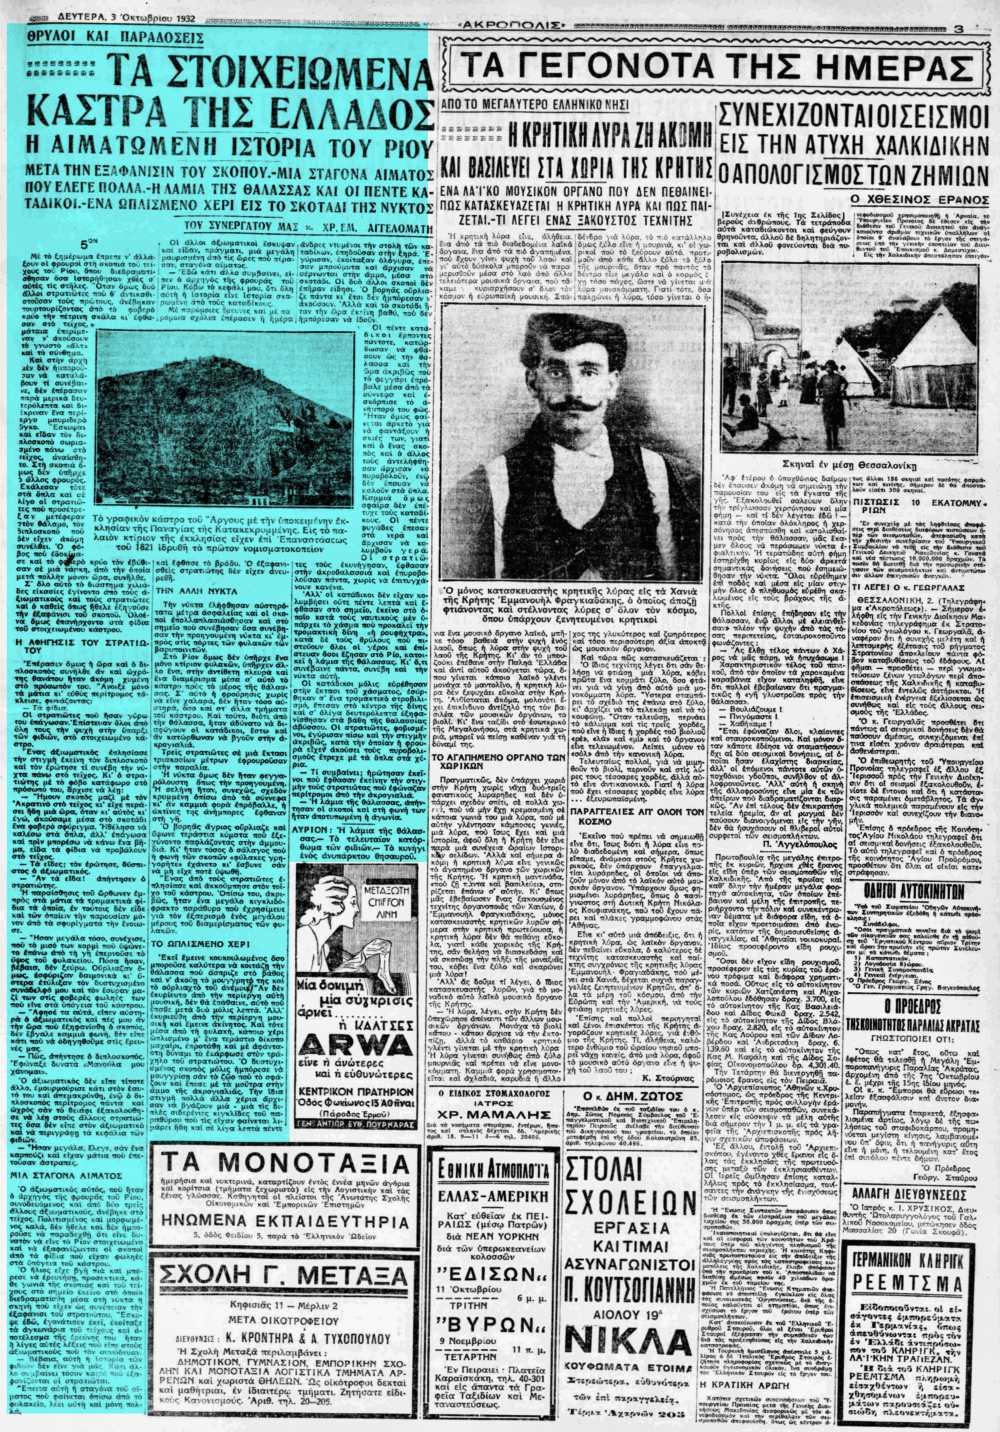 """Το άρθρο, όπως δημοσιεύθηκε στην εφημερίδα """"ΑΚΡΟΠΟΛΙΣ"""", στις 03/10/1932"""